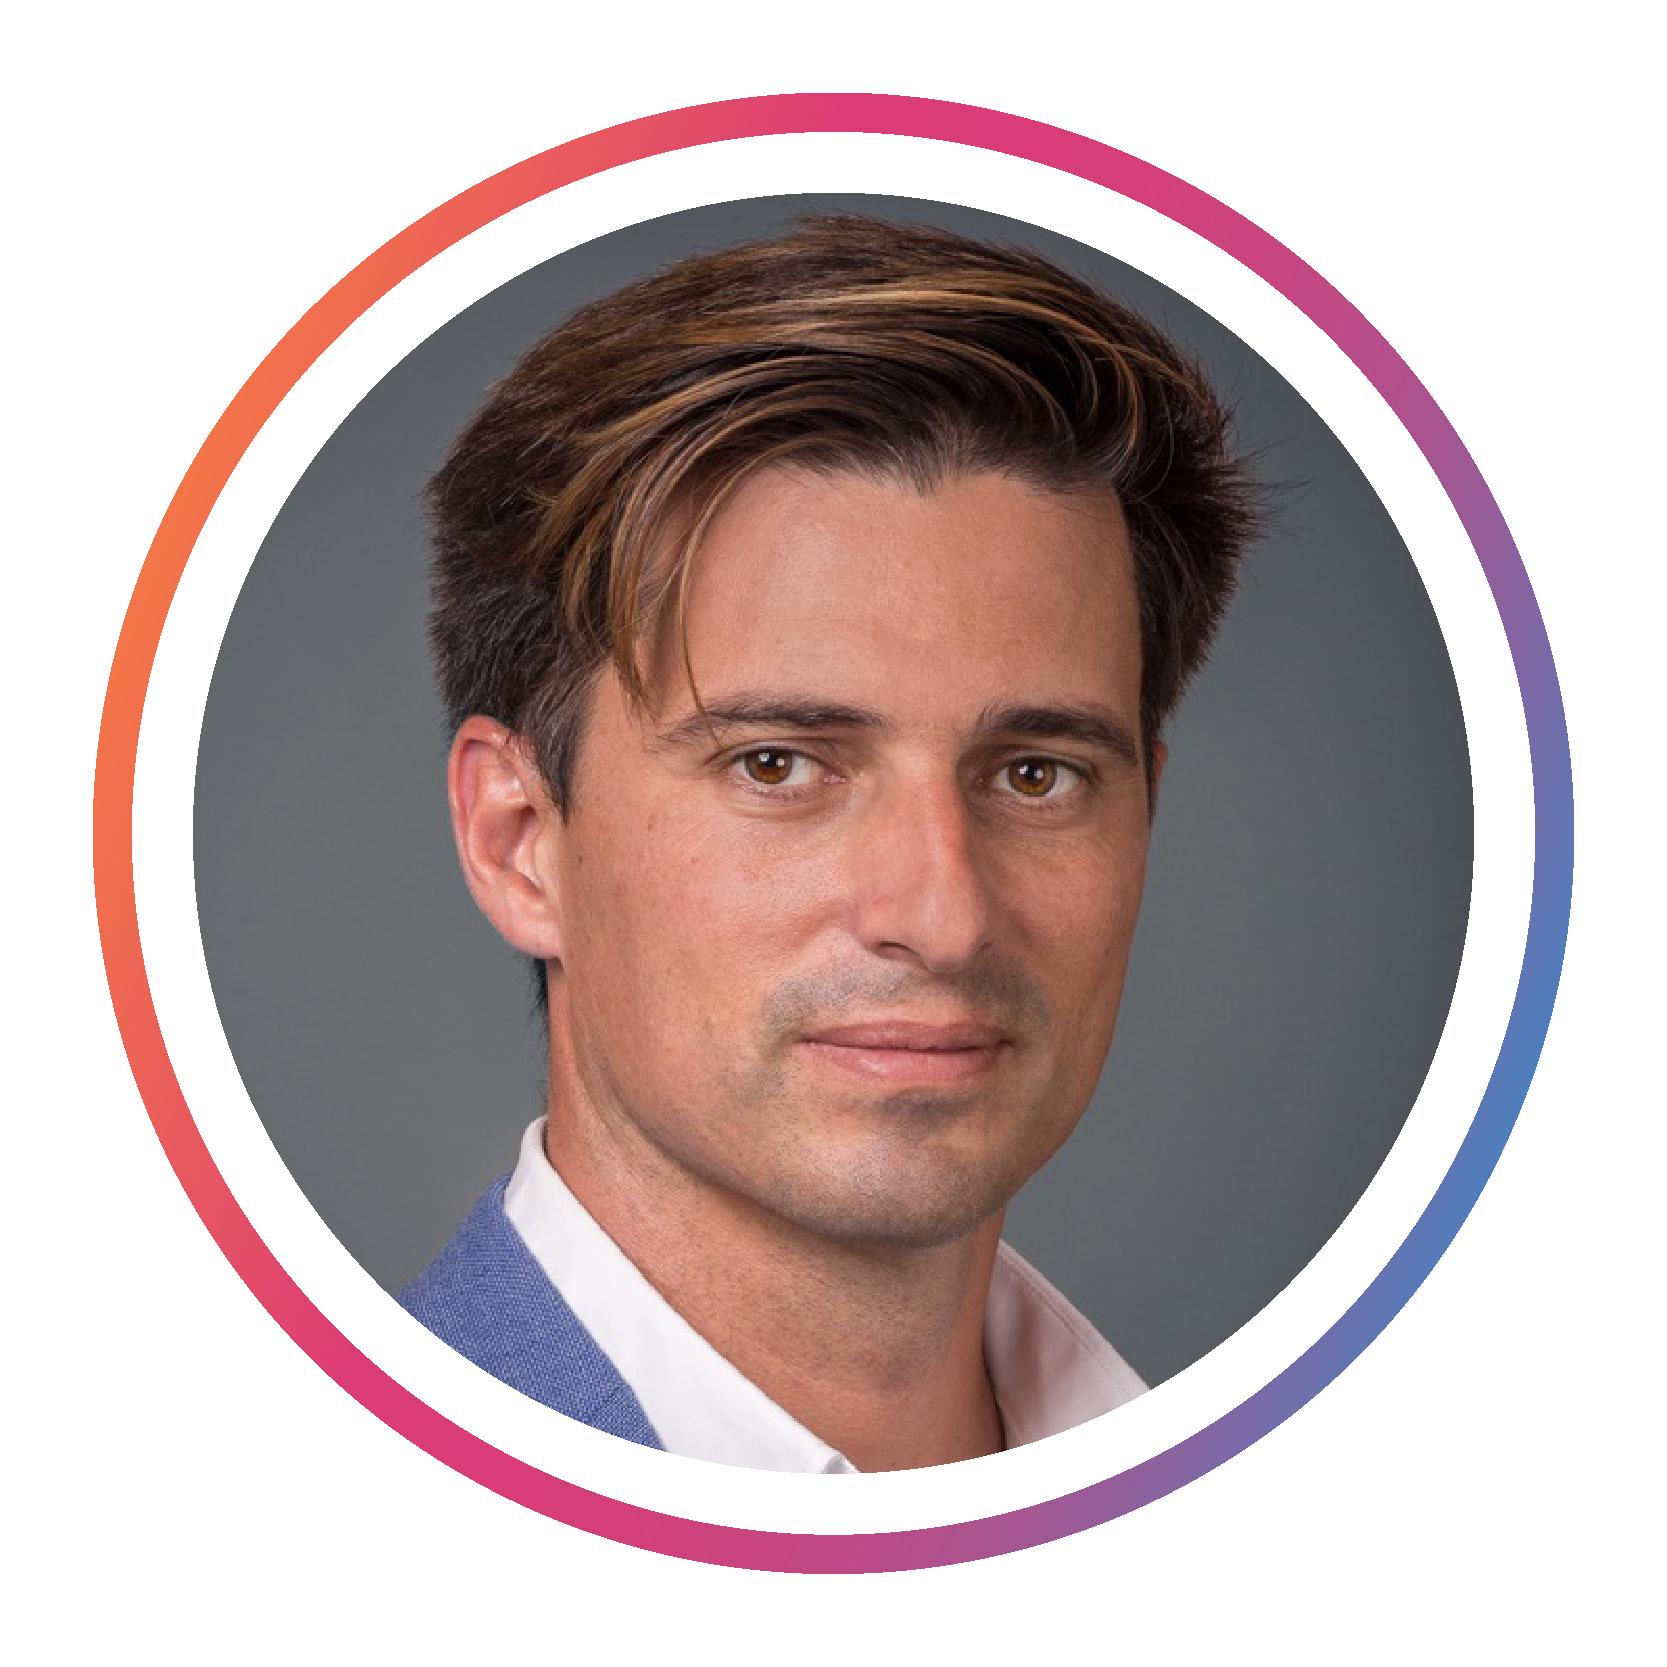 Vasco Pedro | Artificial Intelligence Expert